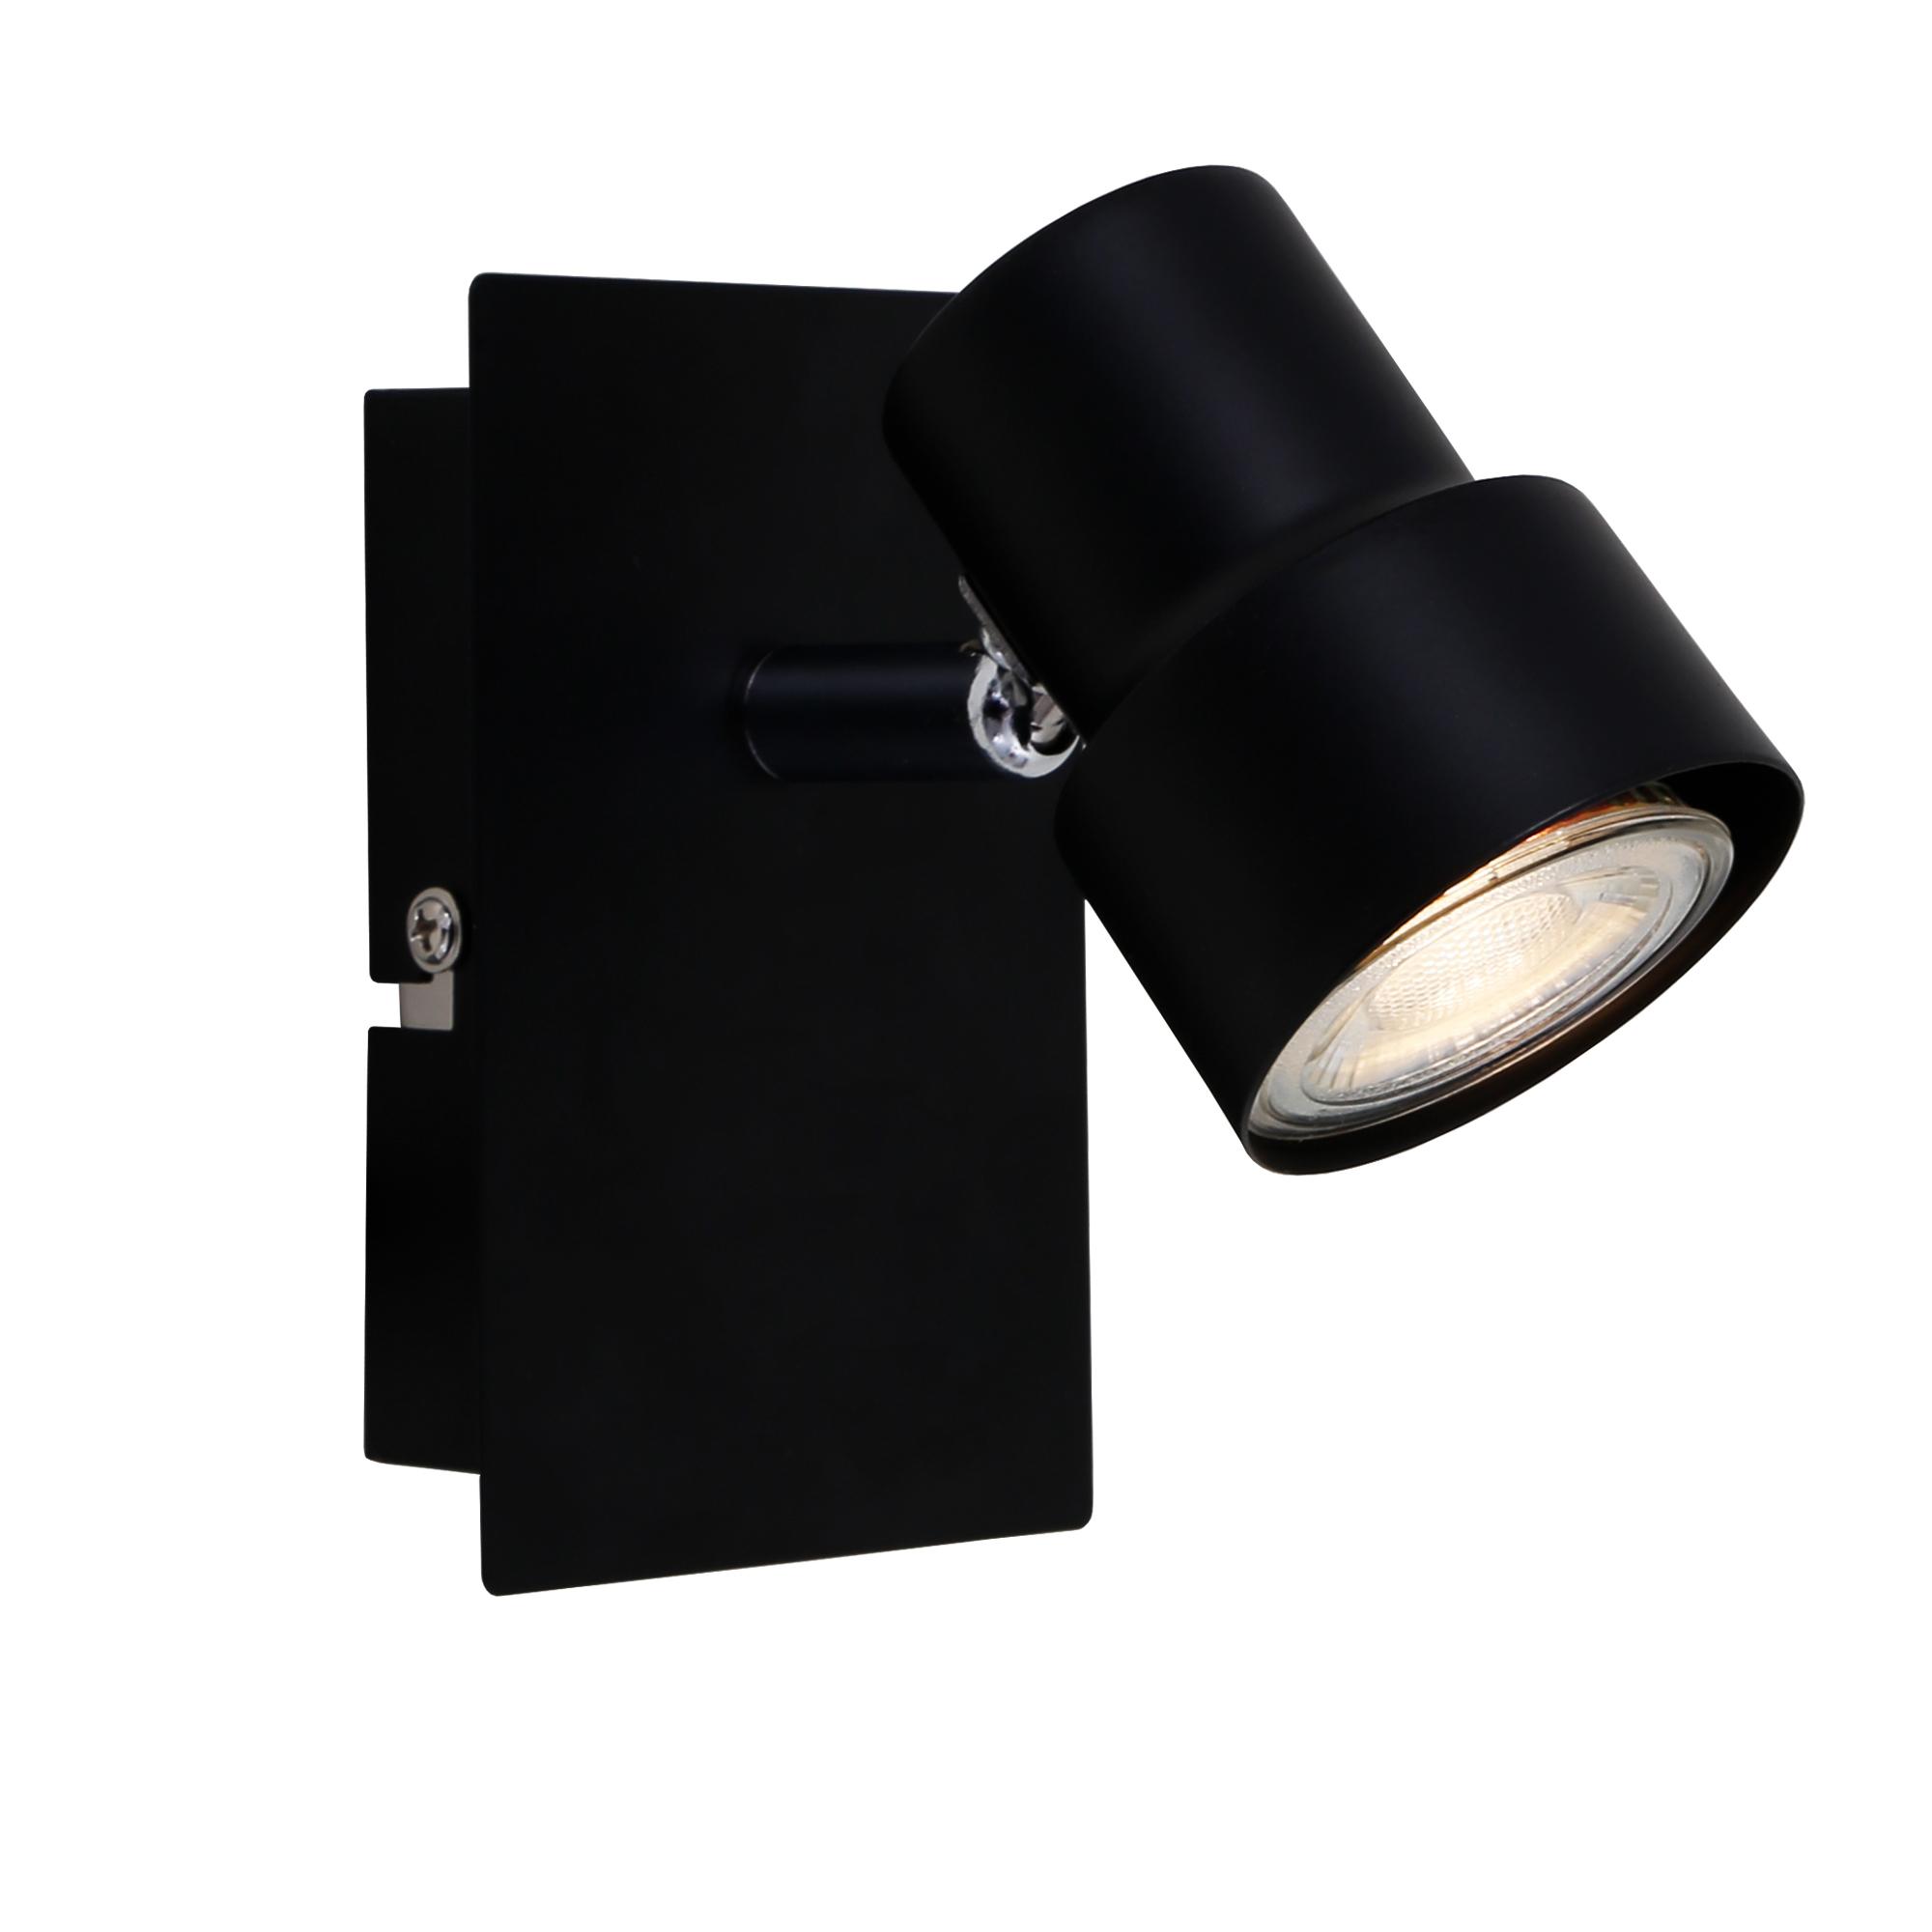 LED Spot Wand- und Deckenleuchte, 12 cm, 5 W, Schwarz